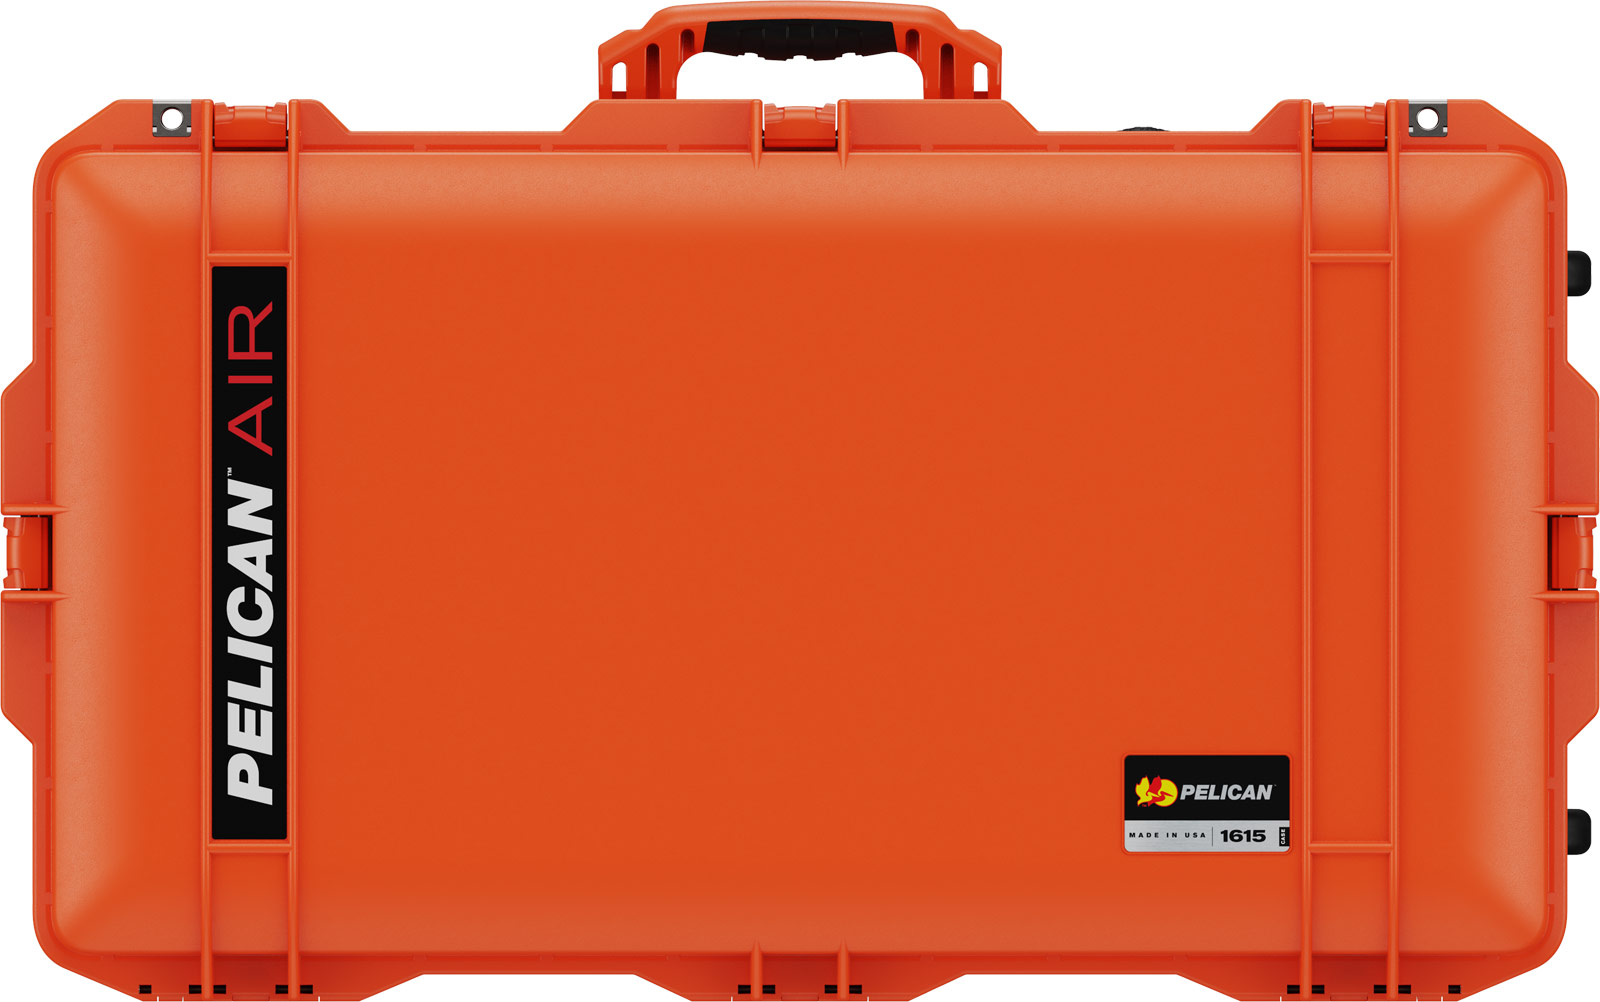 pelican 1615 airline orange travel case